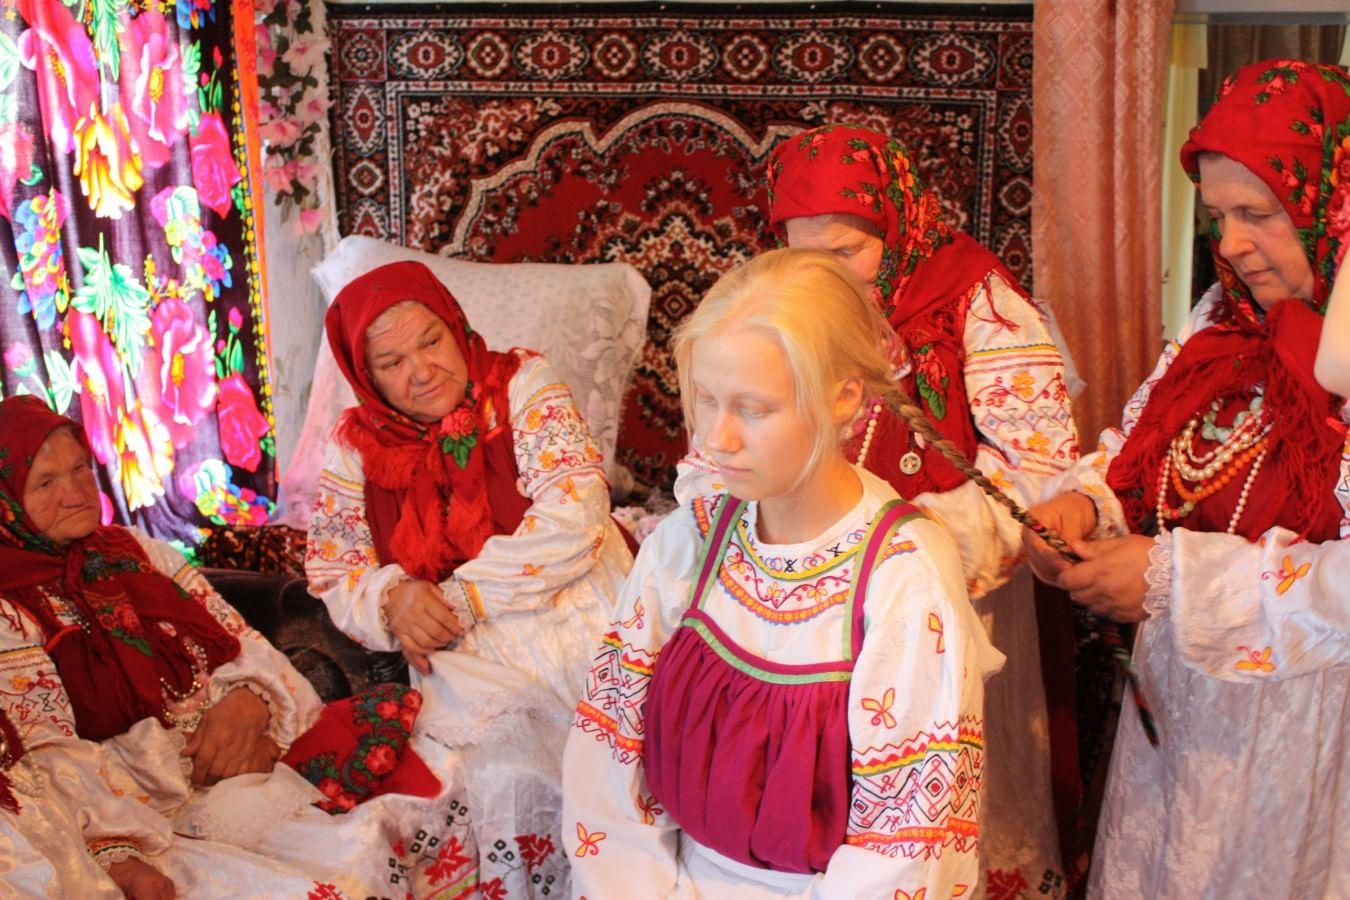 парням, картинки с традициями русского народа высоком ключе нередко